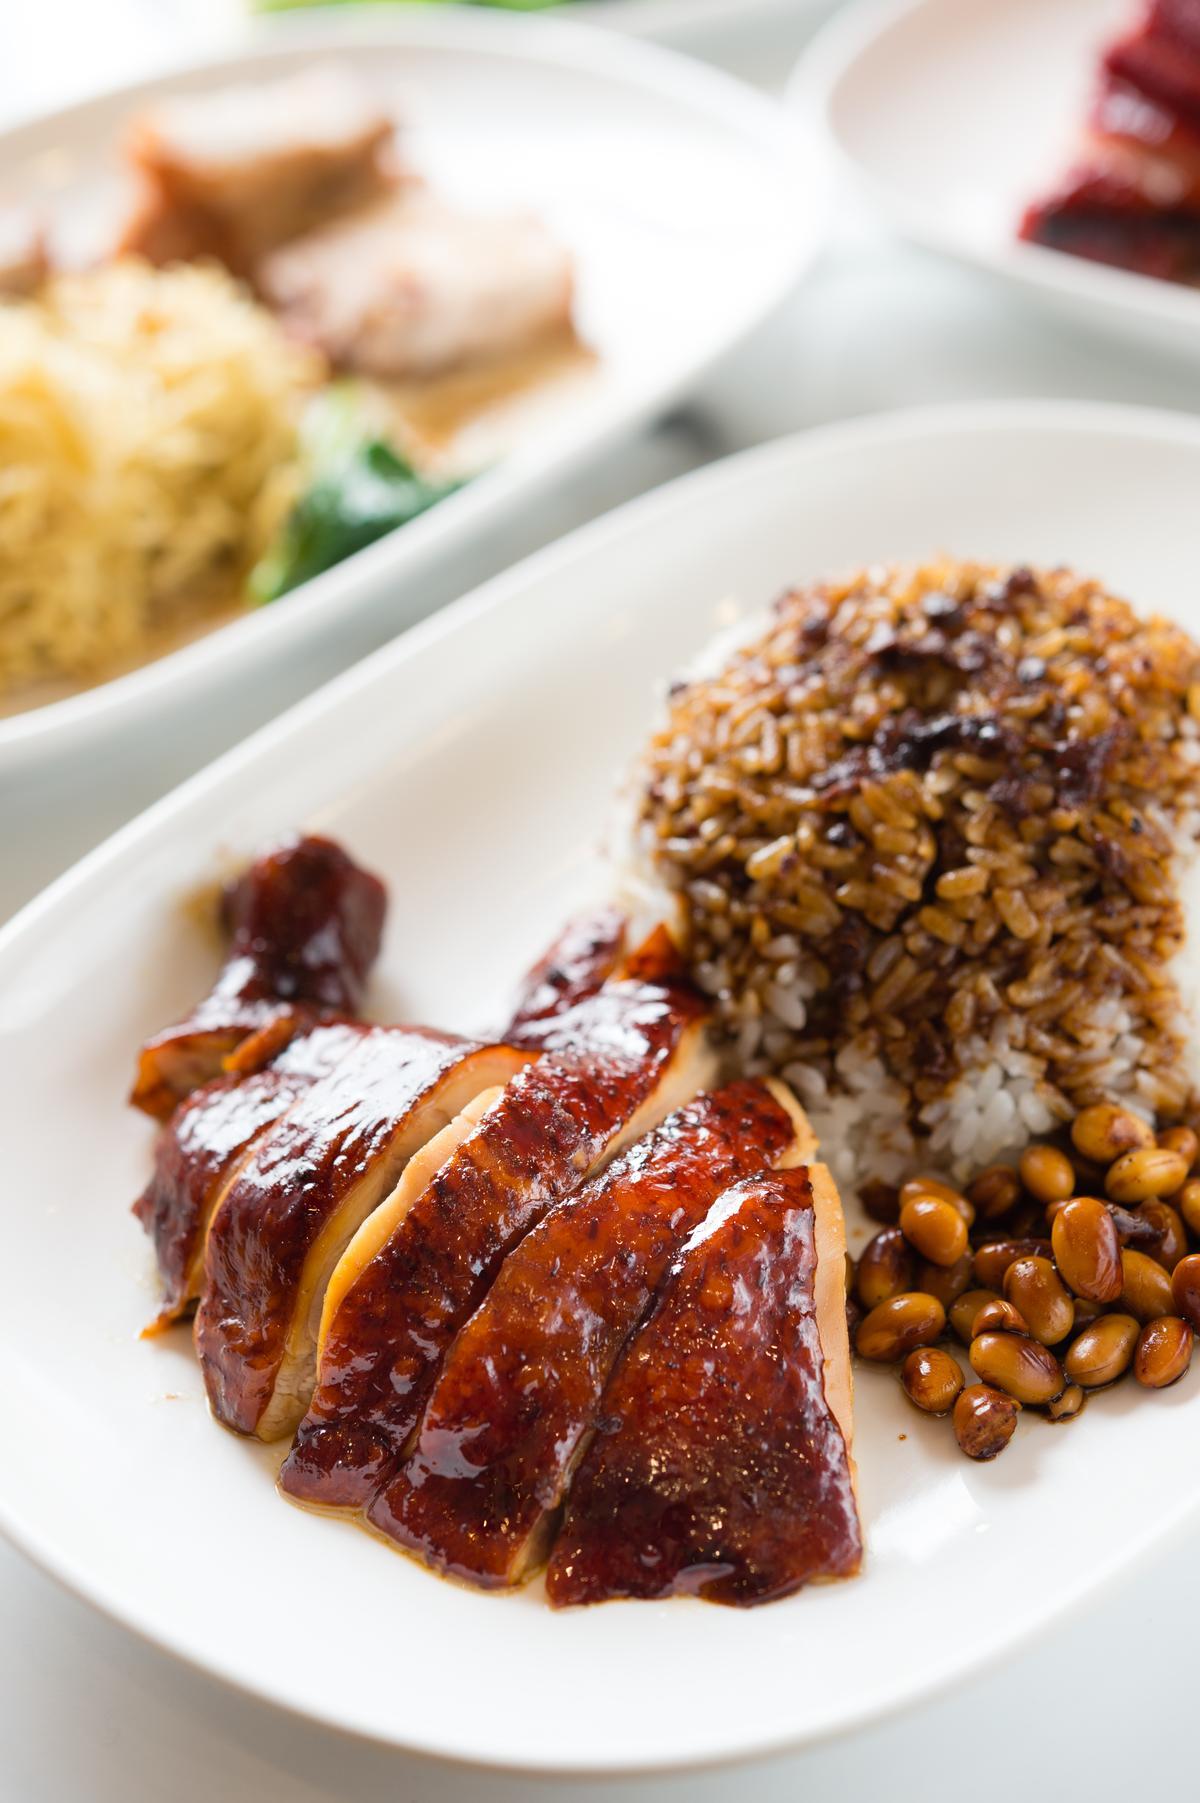 雞腿肉搭配滷黃豆的「油雞飯」香氣濃郁、肉質滑嫰。(100元/份)